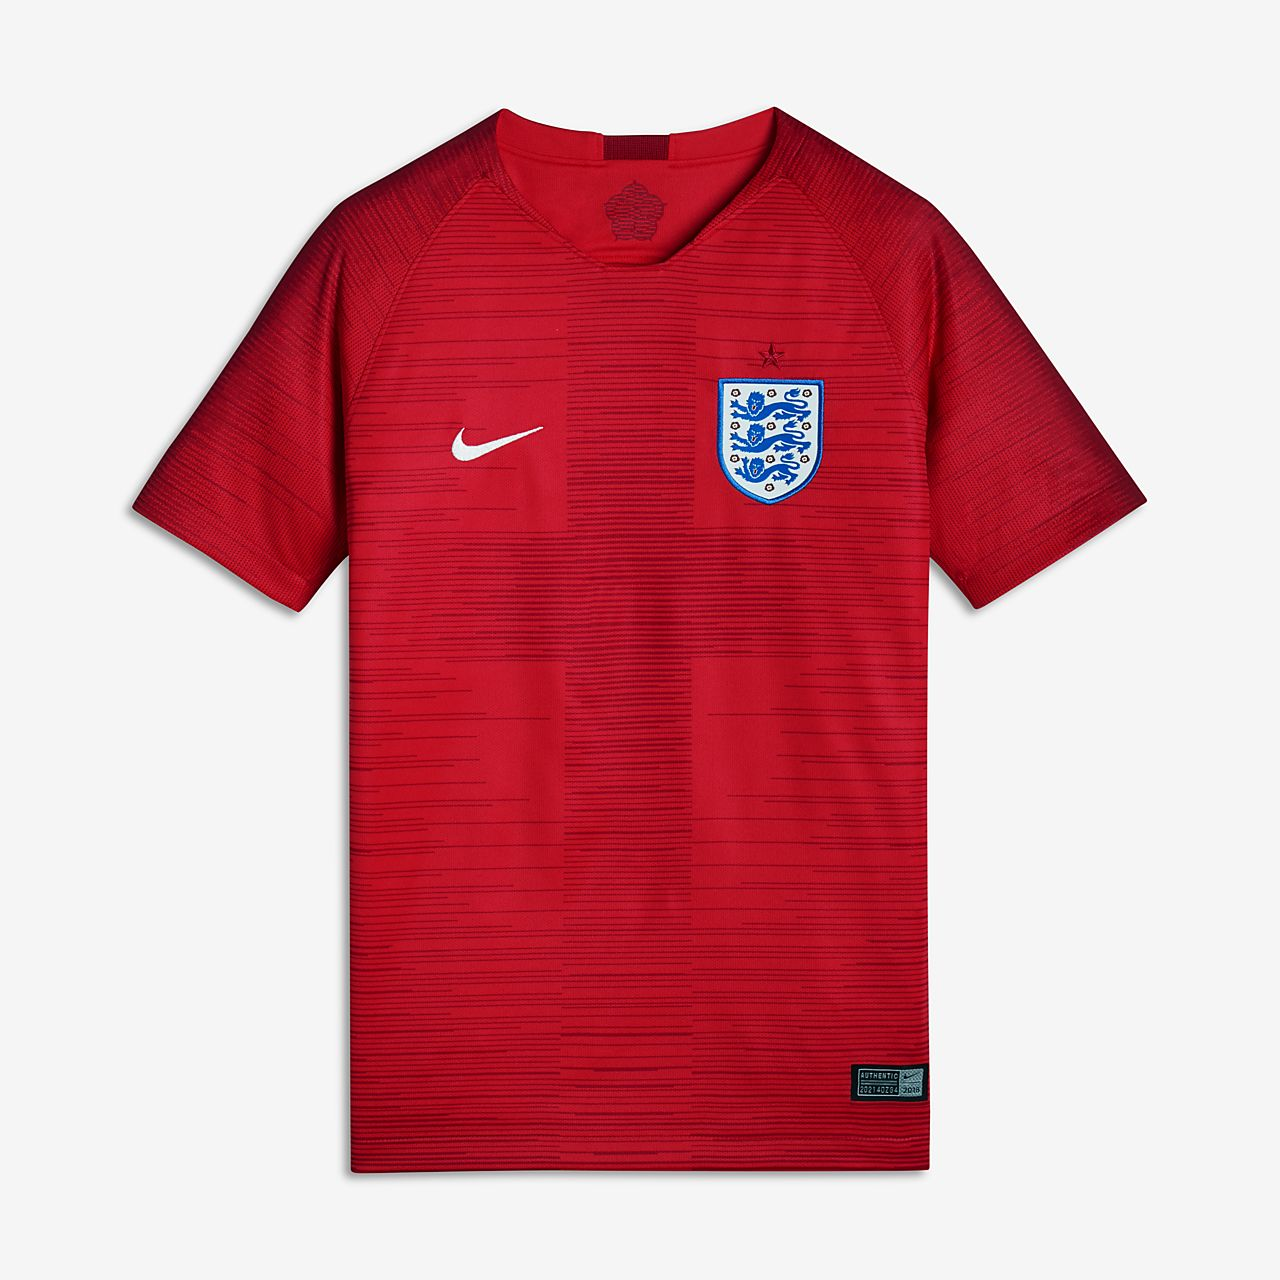 2018 England Stadium Away 大童足球球衣